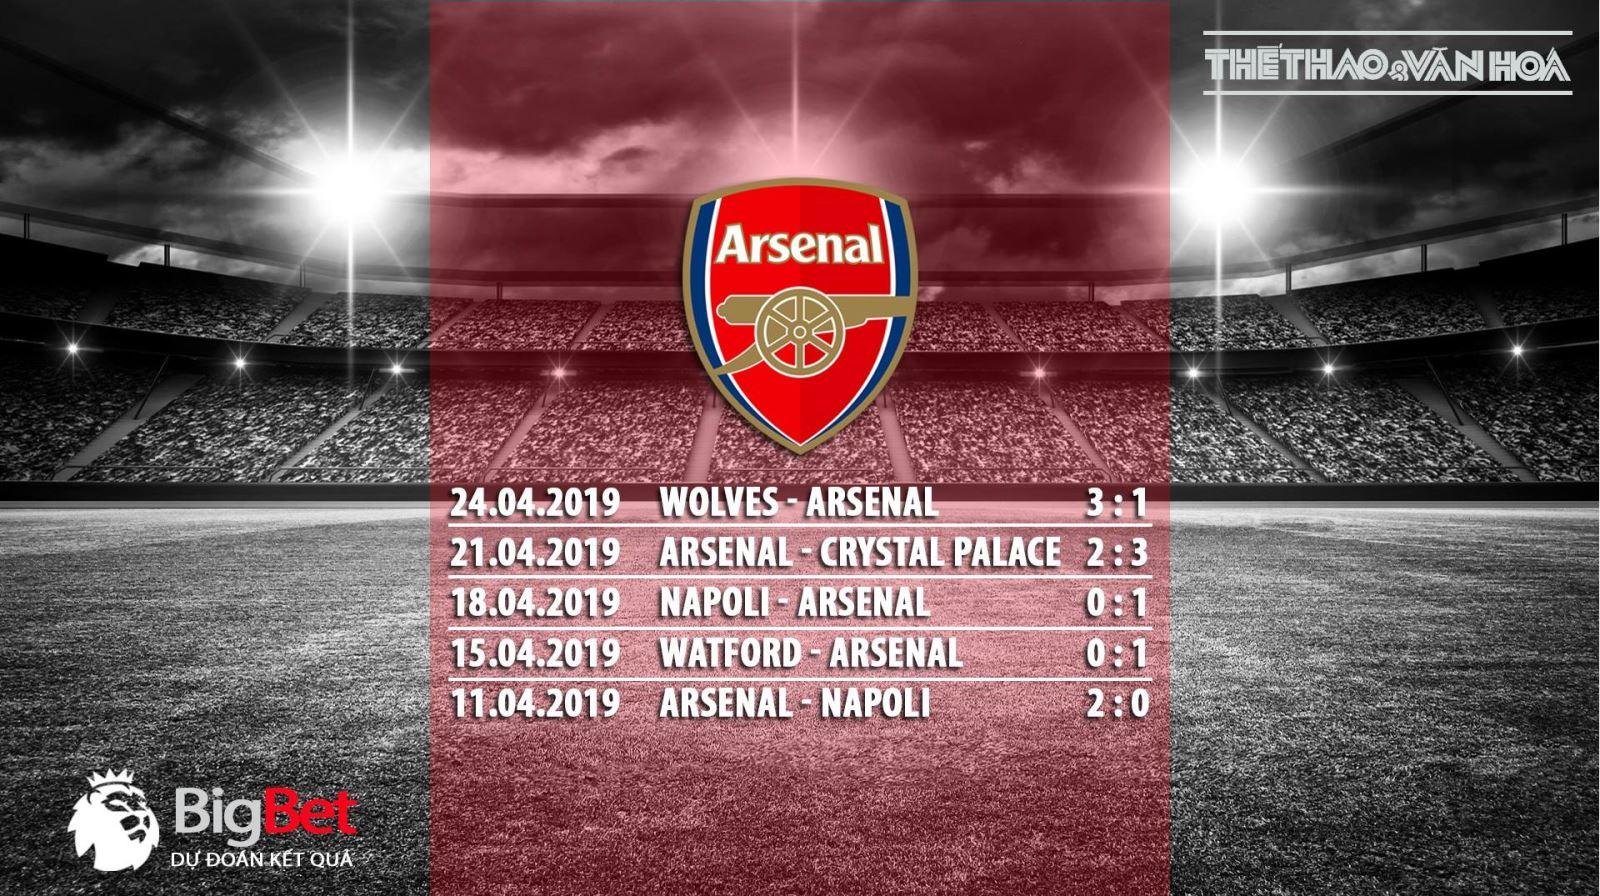 Soi kèo Leicester vs Arsenal, Leicester, Arsenal trực tiếp Leicester vs Arsenal, Arsenal, nhận định Leicester vs Arsenal, trực tiếp bóng đá